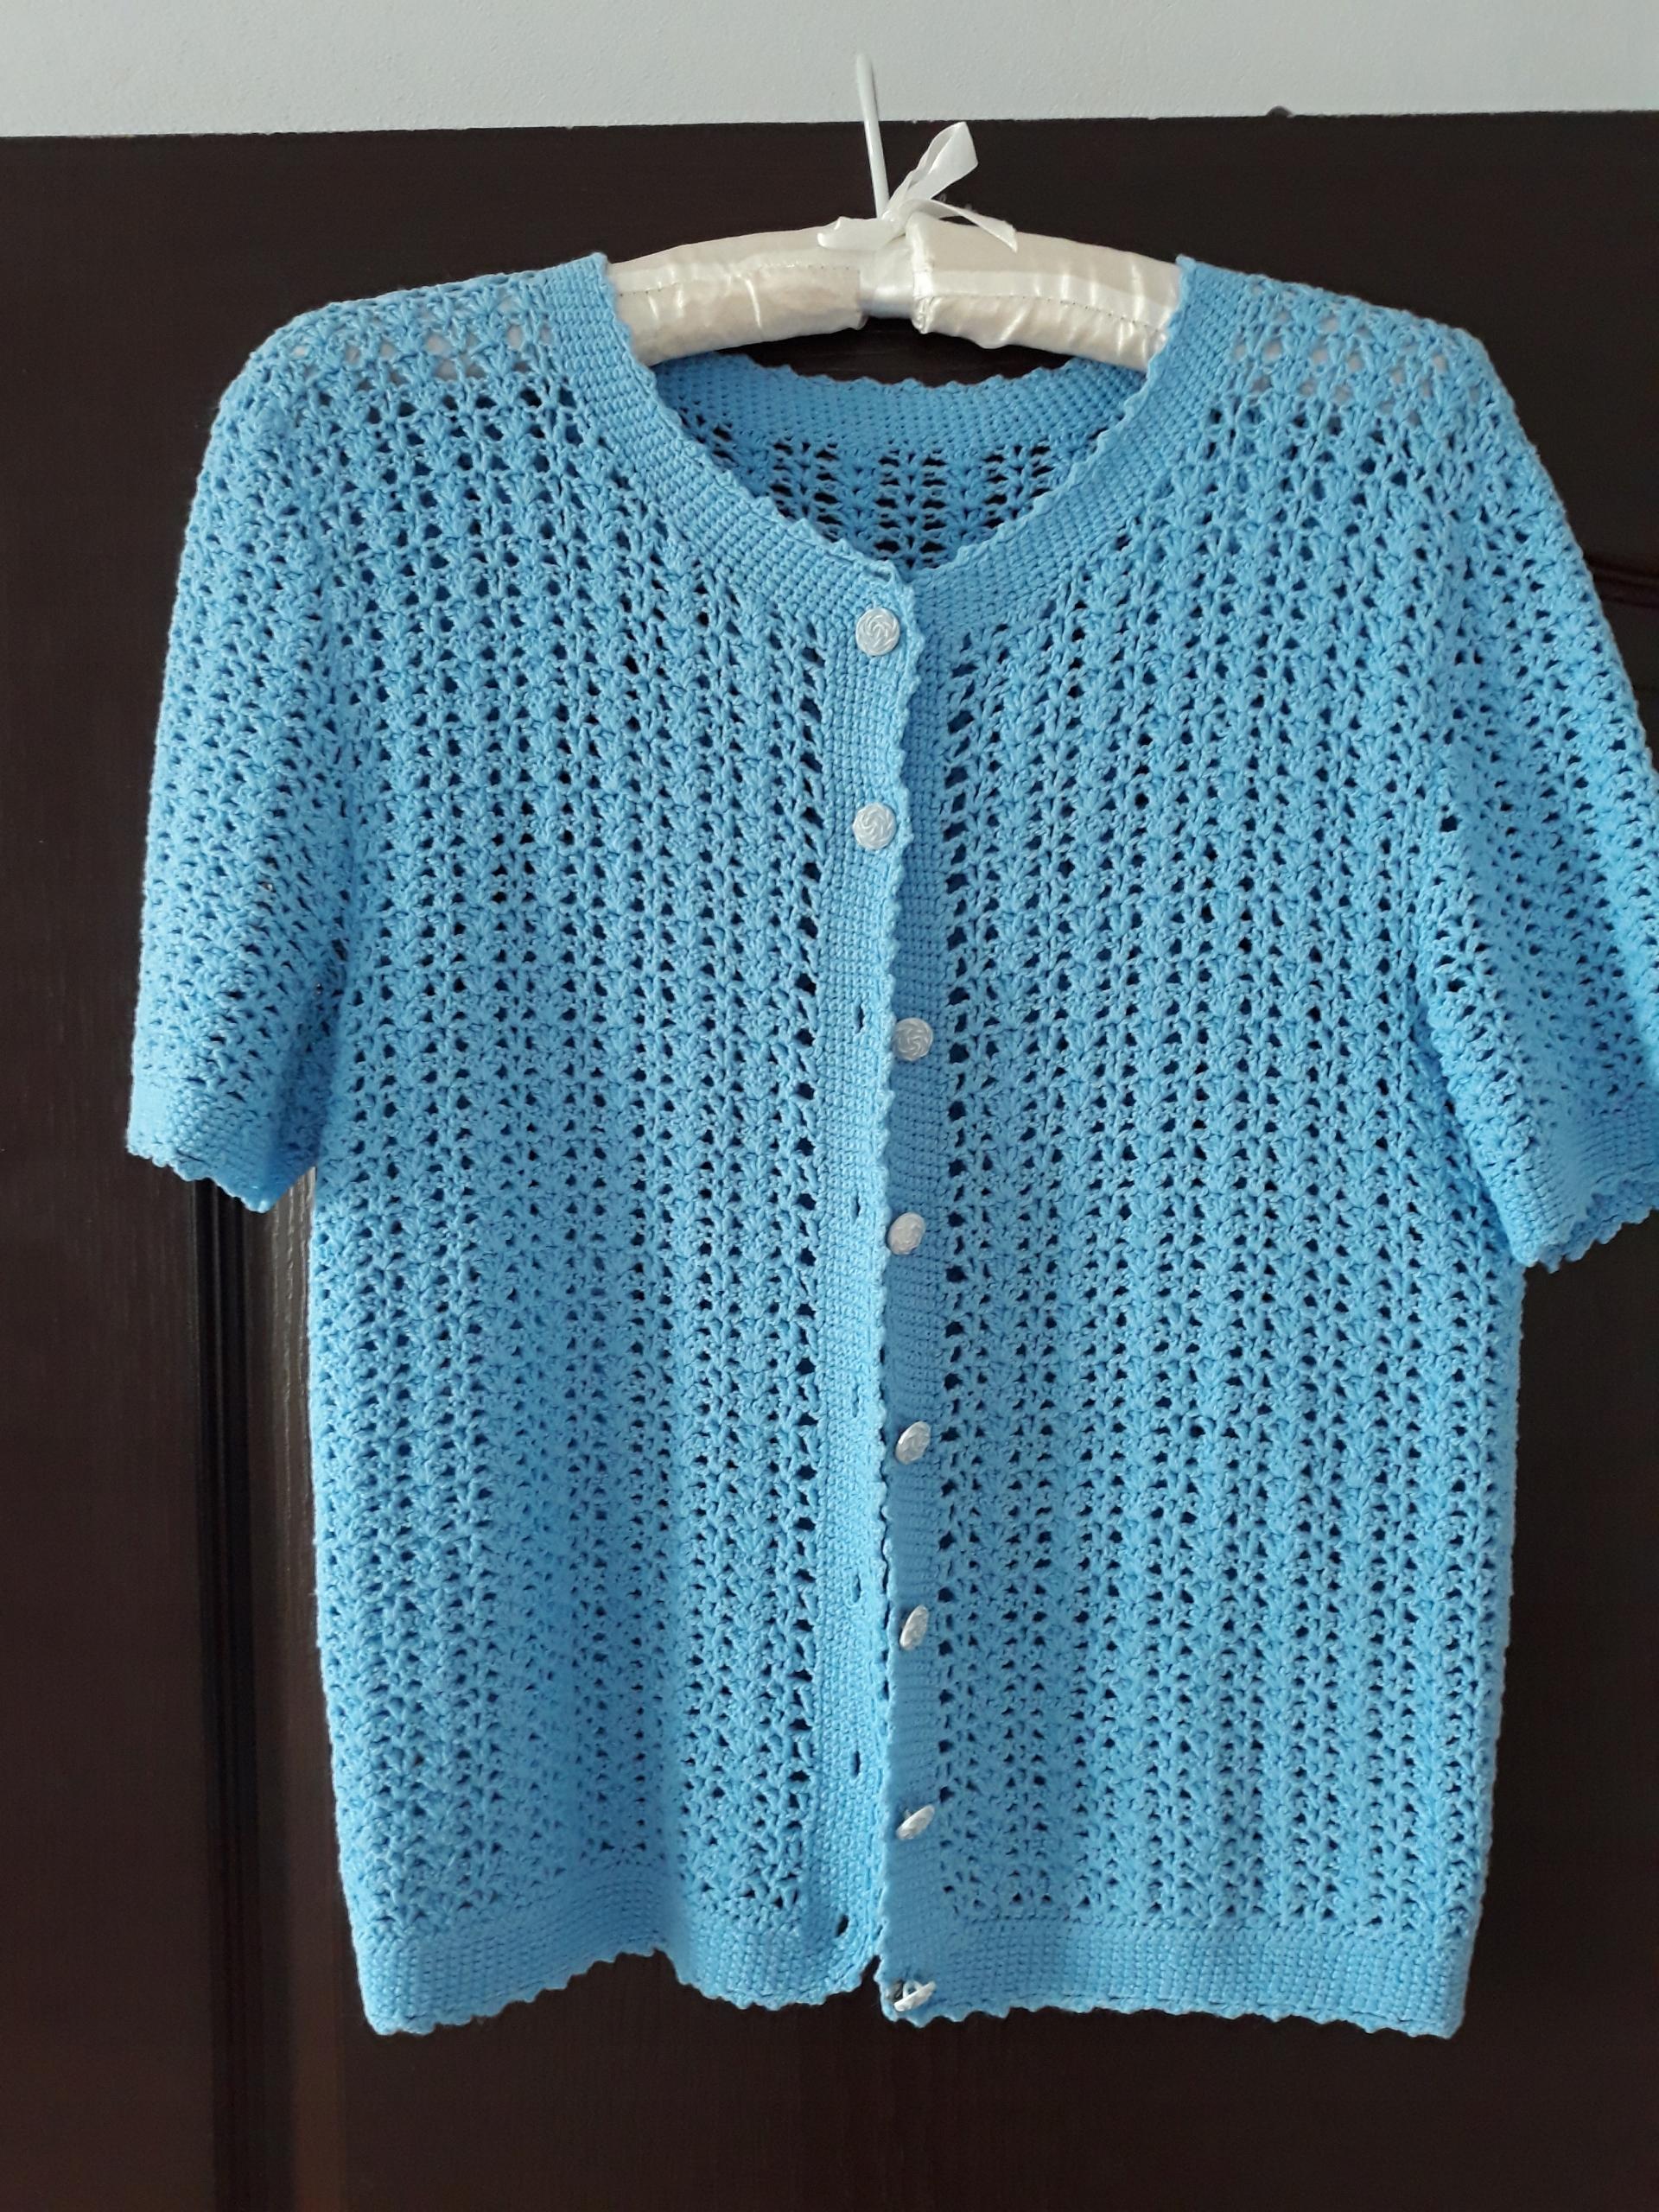 216ce09772 Sweterek 38 niebieski - 7688581971 - oficjalne archiwum allegro